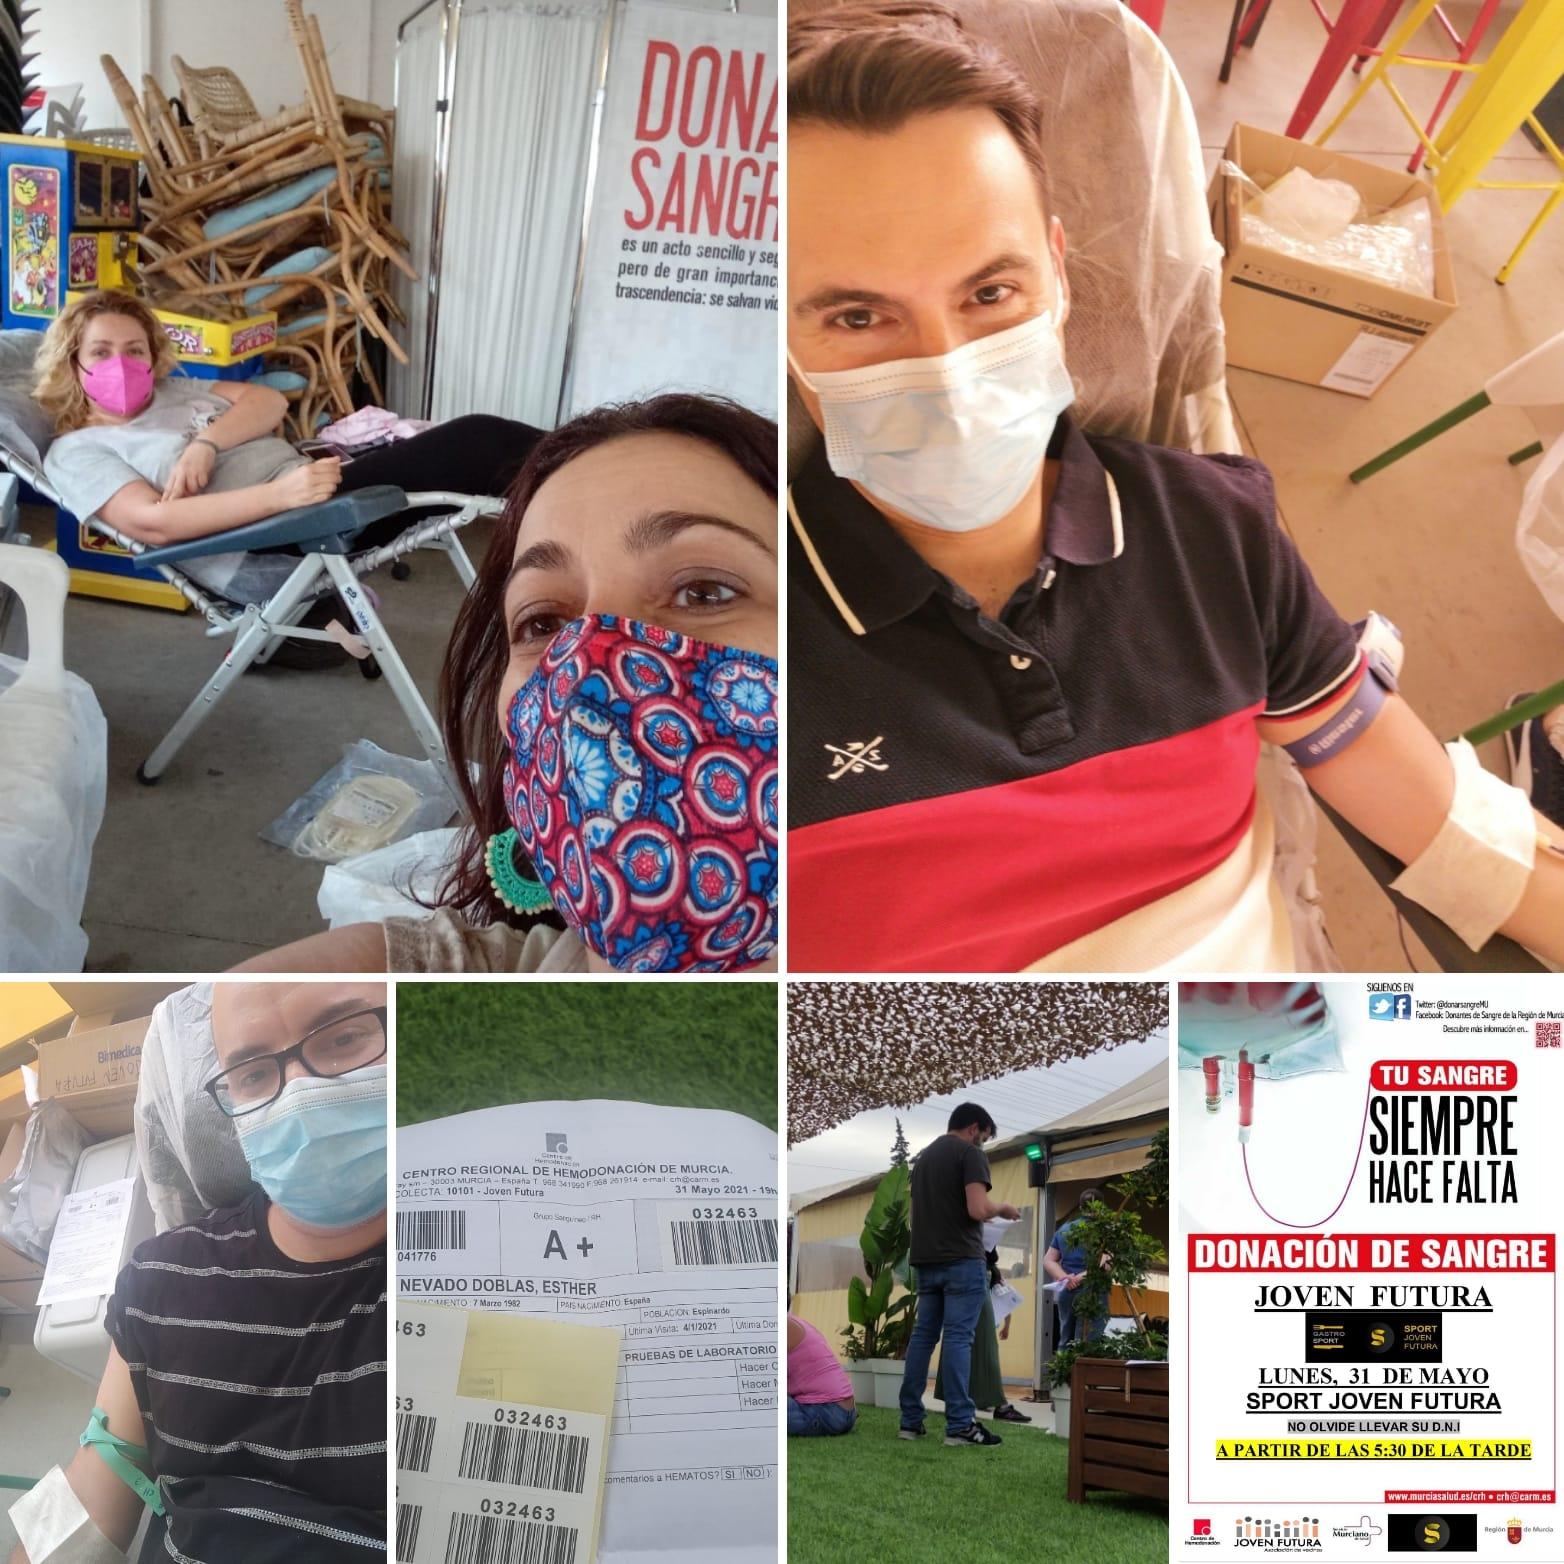 2021-05-31 Hemodonación en Joven Futura